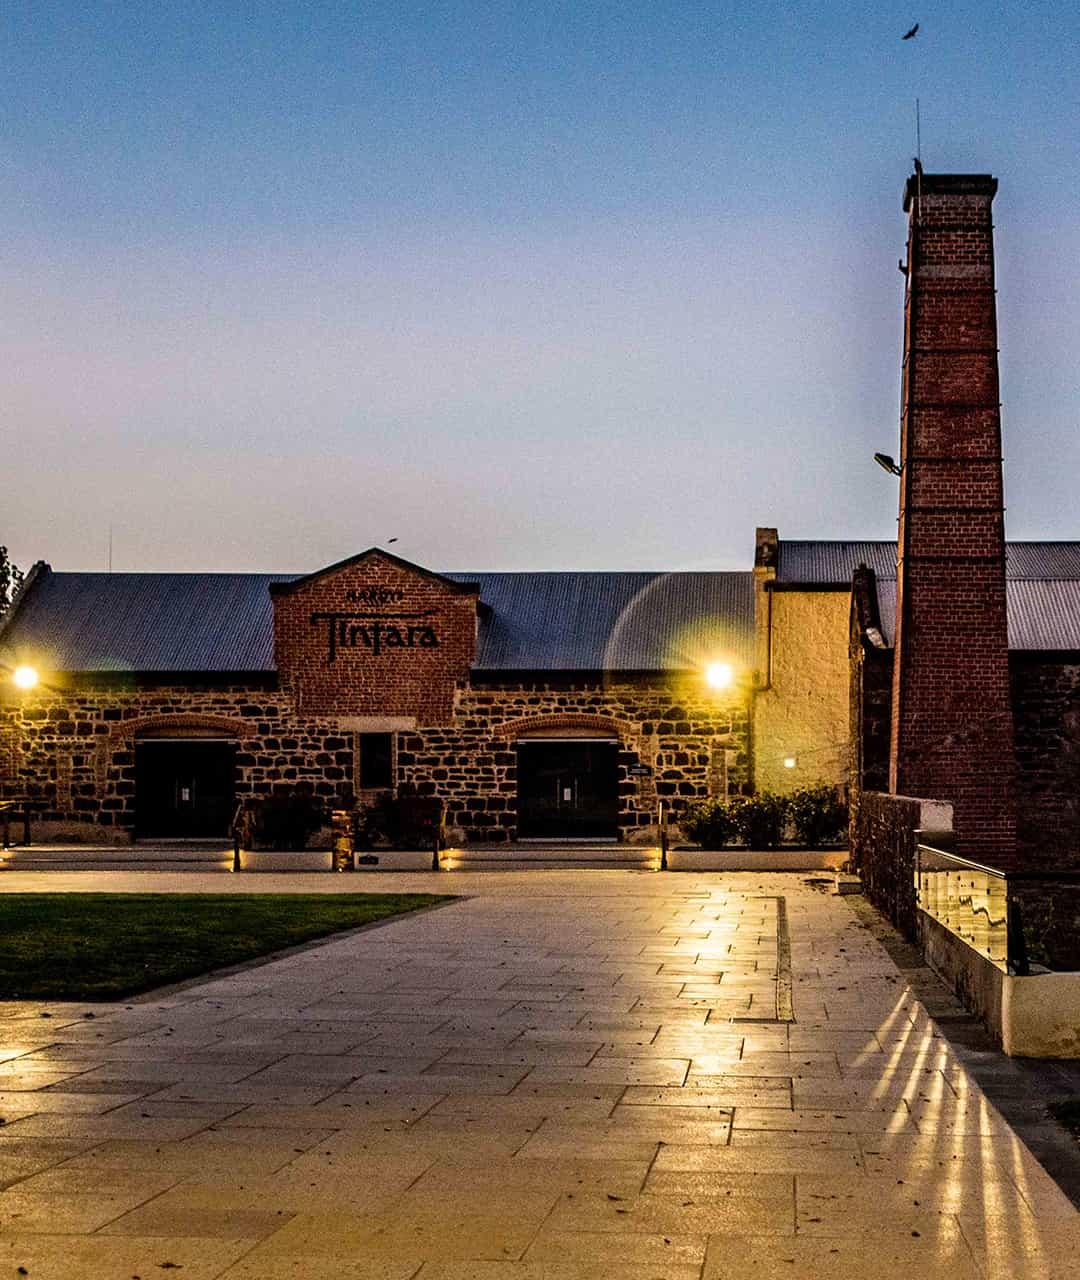 Hardy's wijnen uit Australie